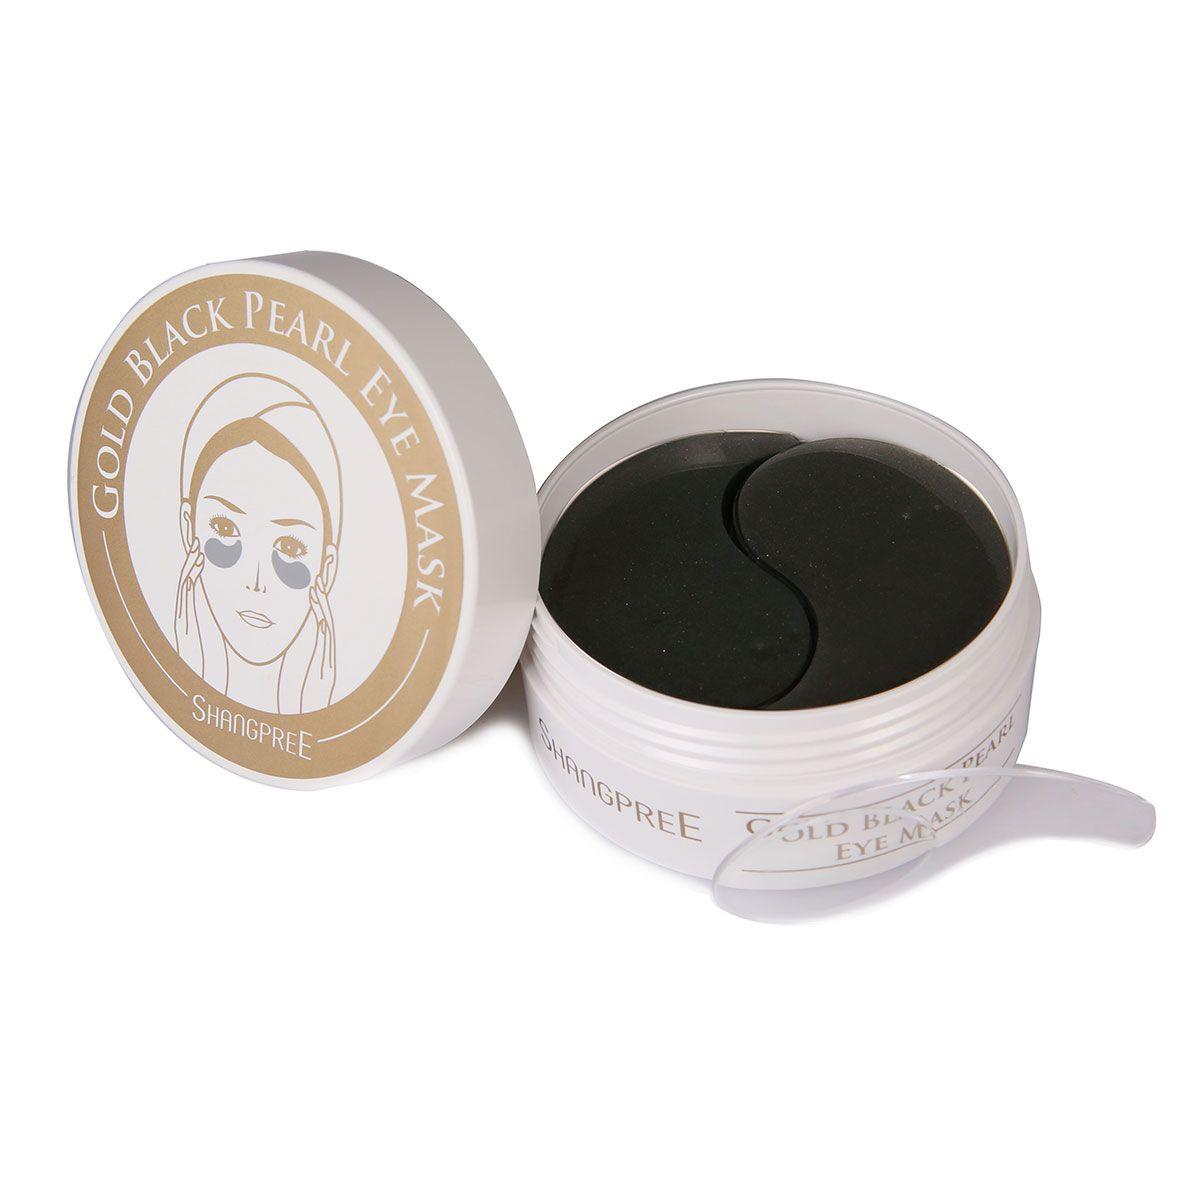 Les masques des taches de pigment sur la personne après les boutons